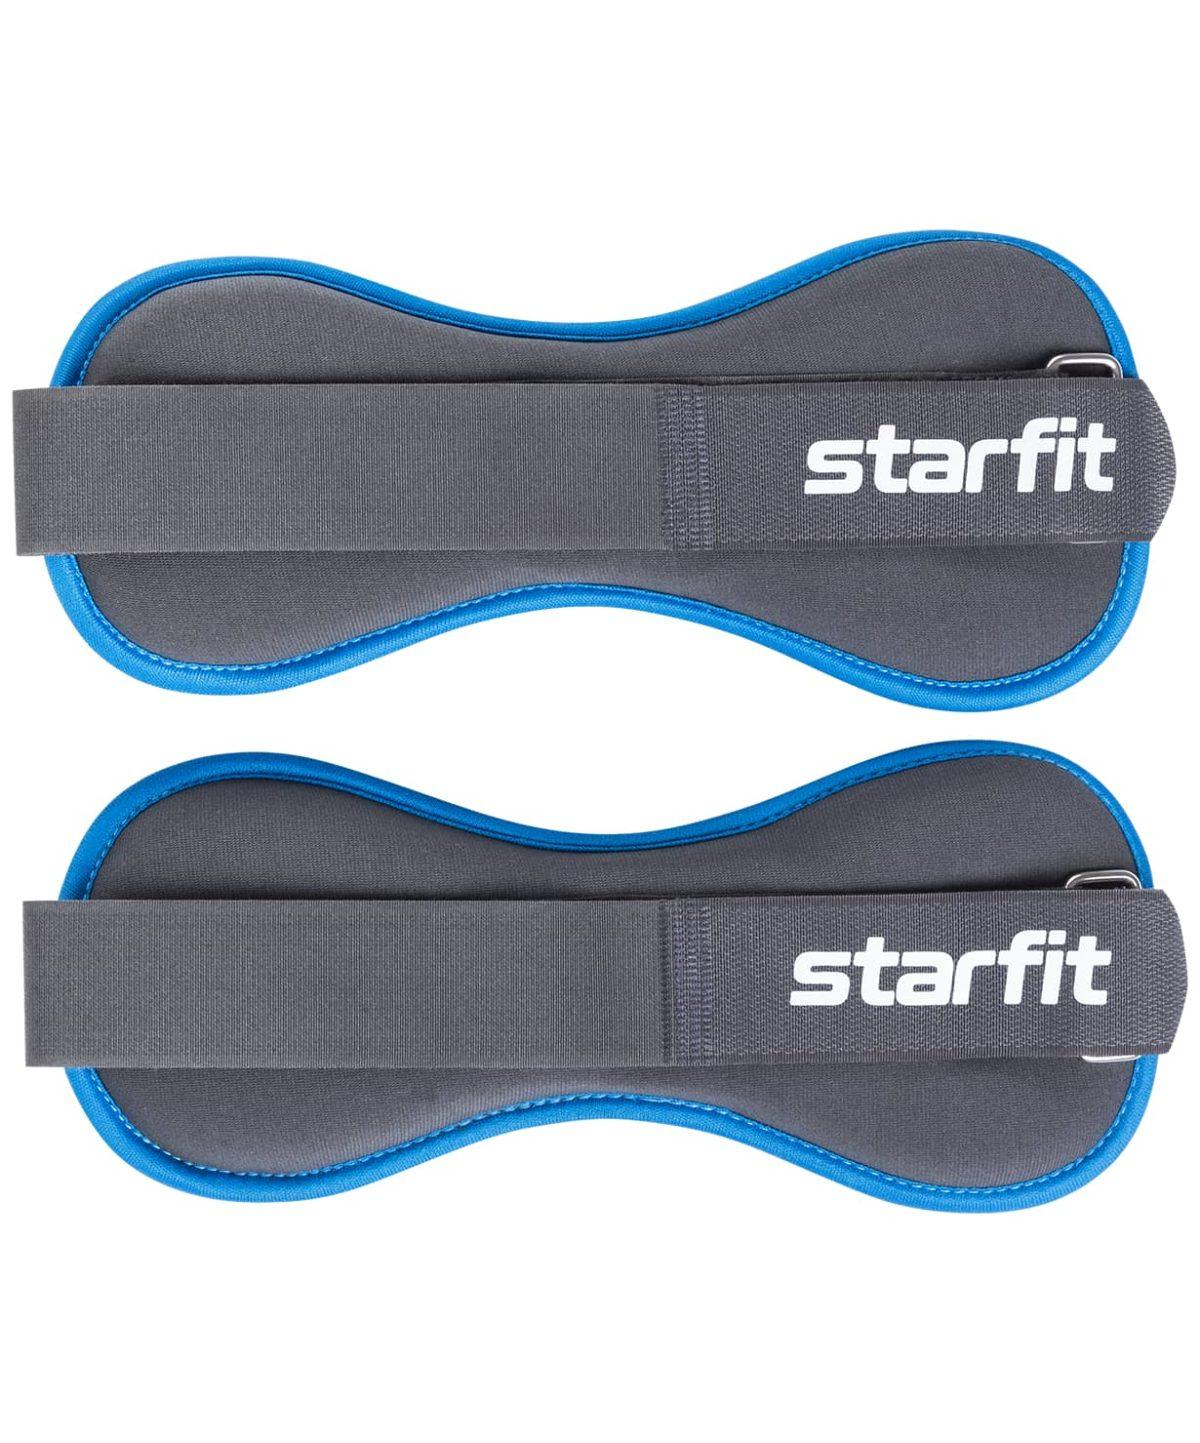 STARFIT Утяжелители универсальные, 1 кг WT-501 - 1